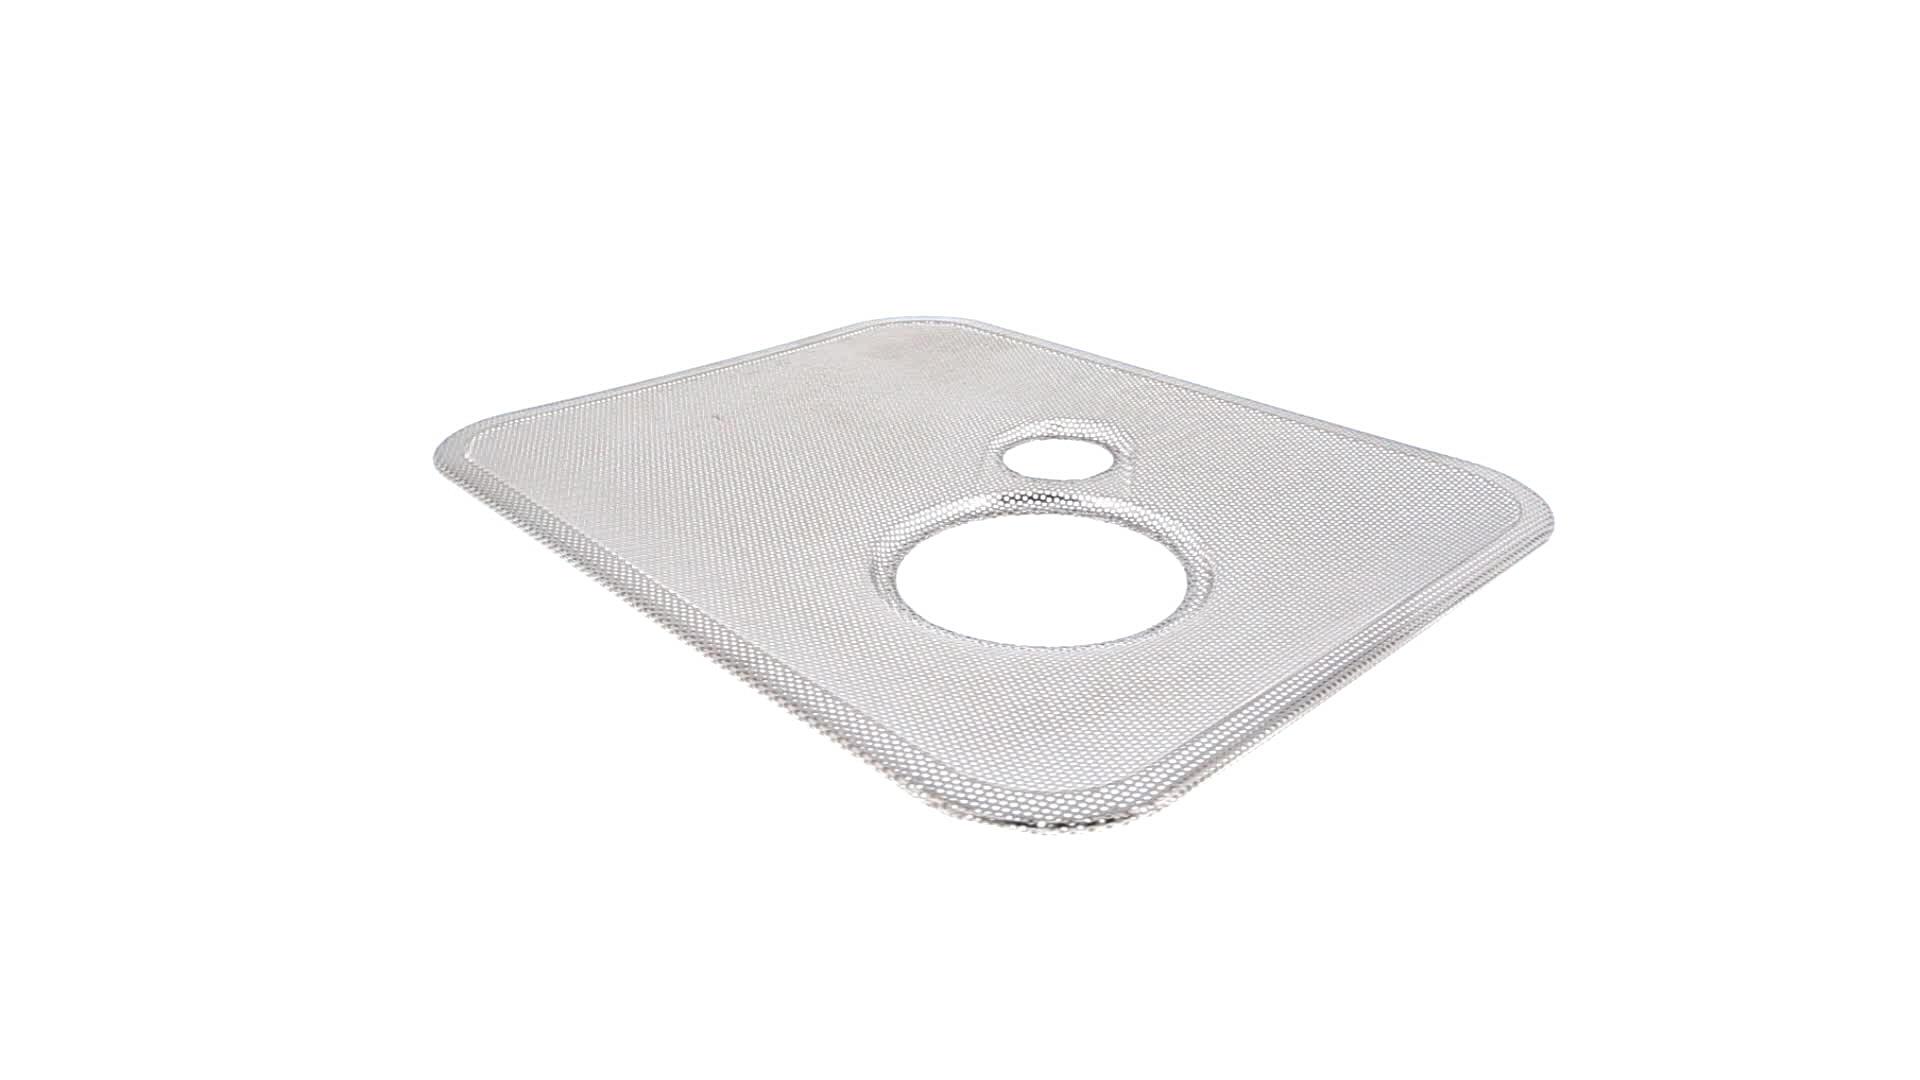 FILTRE Lave-Vaisselle METAL 284*224 - 2